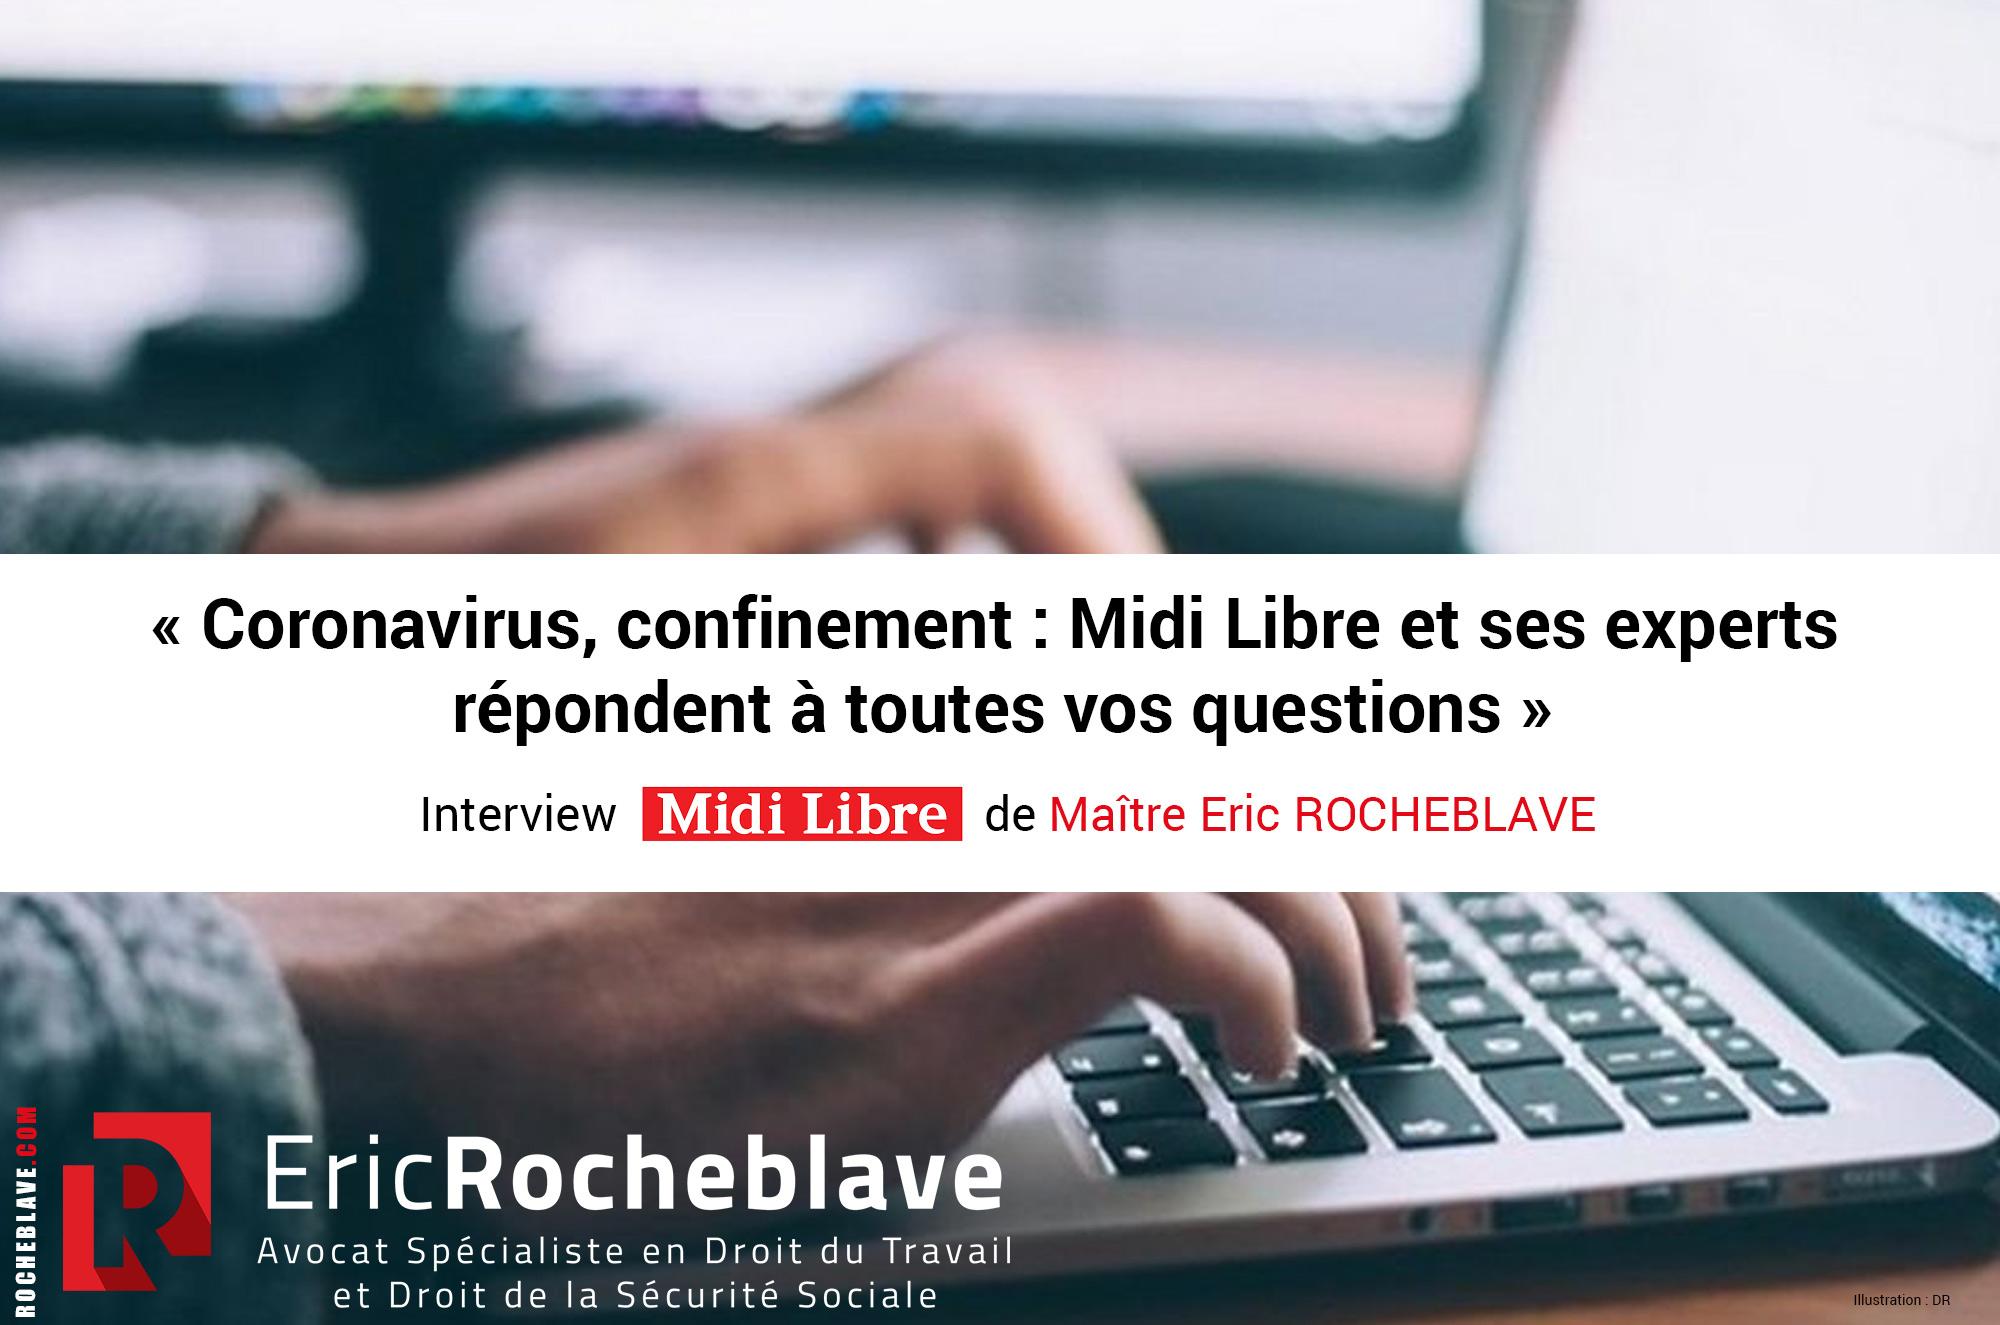 « Coronavirus : Midi Libre et ses experts répondent à toutes vos questions » Interview Midi Libre de Maître Eric ROCHEBLAVE